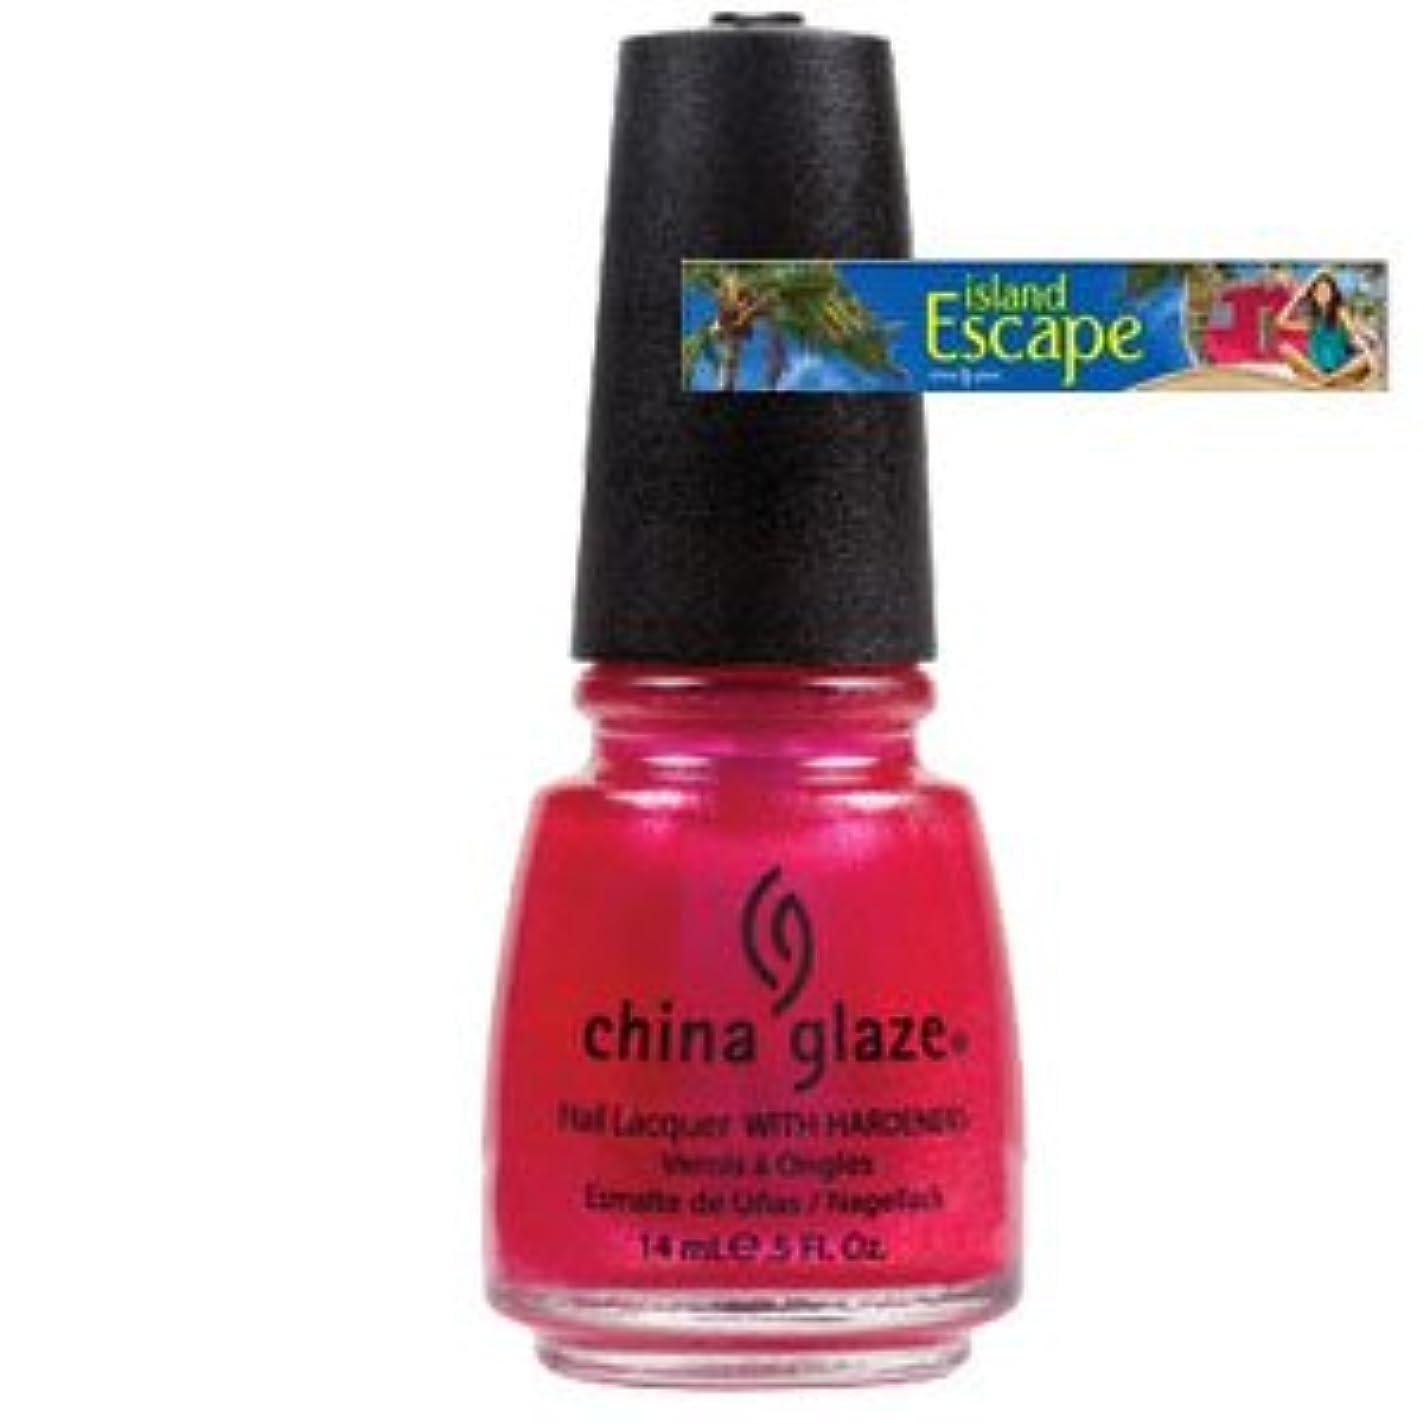 (チャイナグレイズ)China Glaze アイランドエスケープコレクション?108 Degrees [海外直送品][並行輸入品]